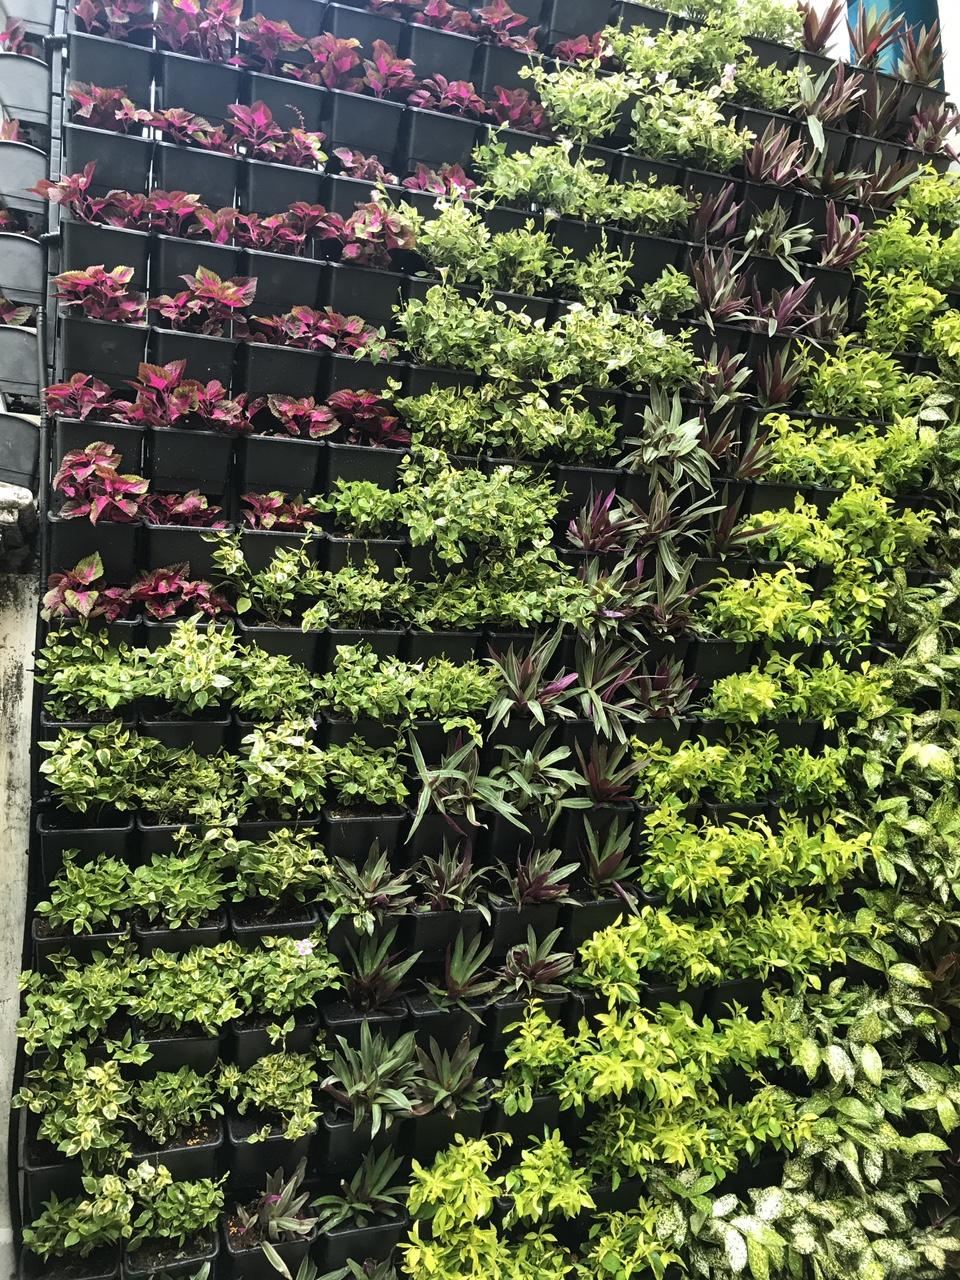 Thiết kế vườn cây trên tường trong nhà đẹp tại tphcm-Cty Quang Anh